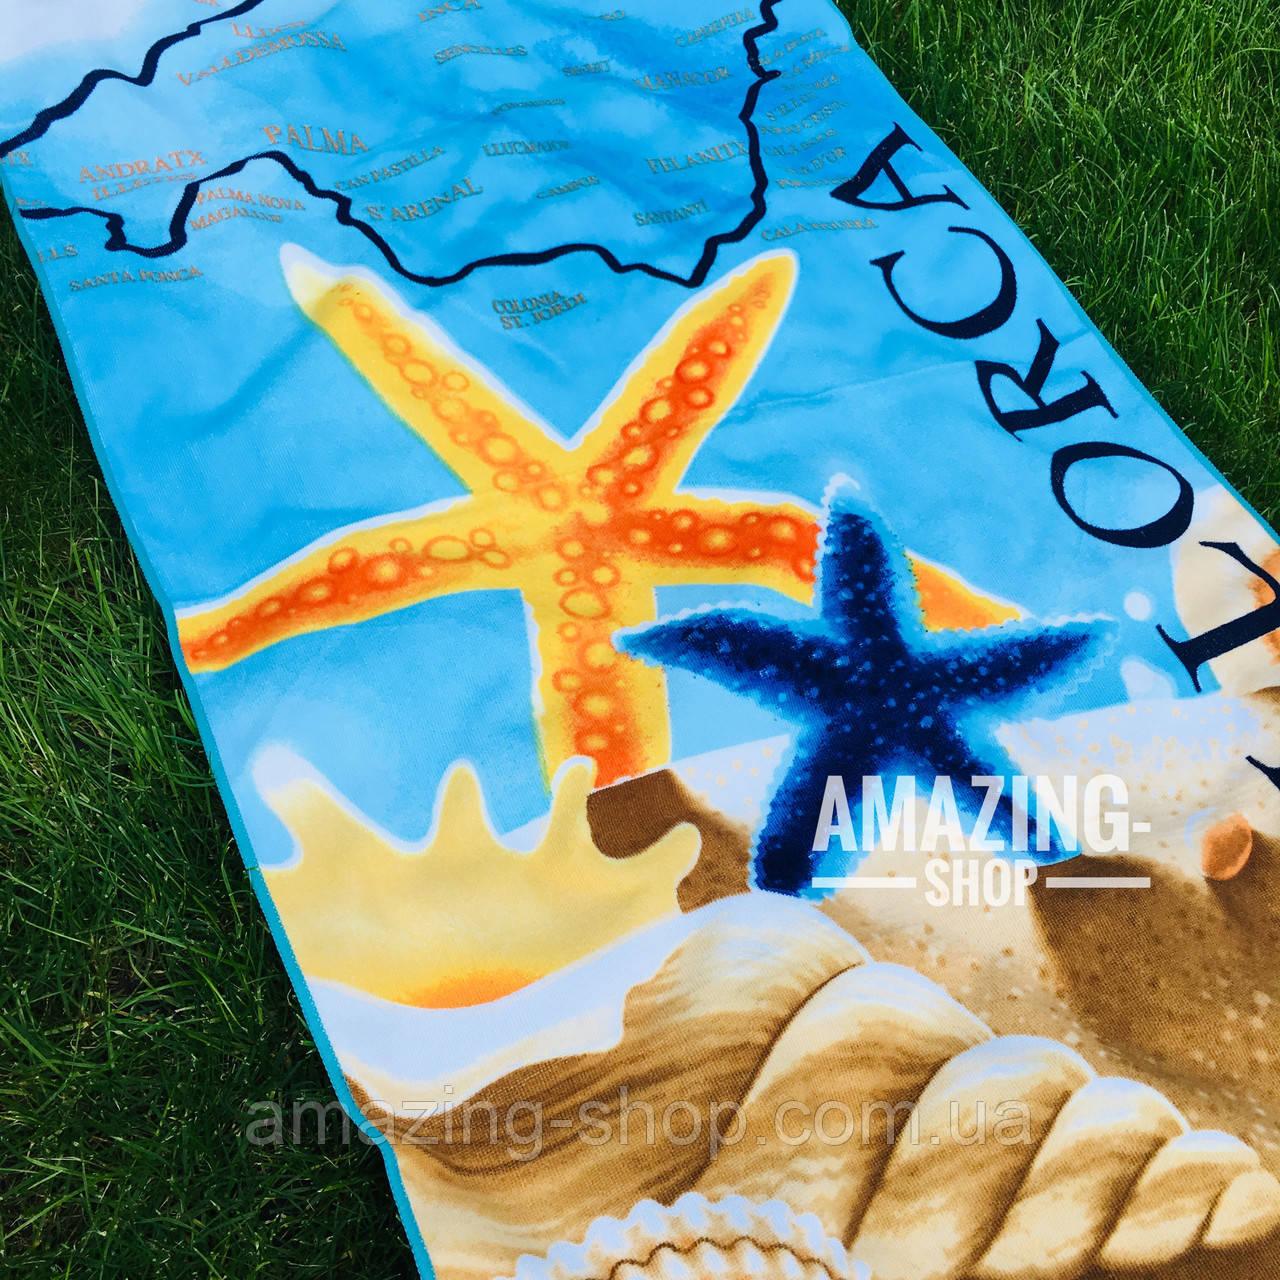 Пляжное полотенце   Пляжный плед   Пляжный коврик    Размер 146*72  см.